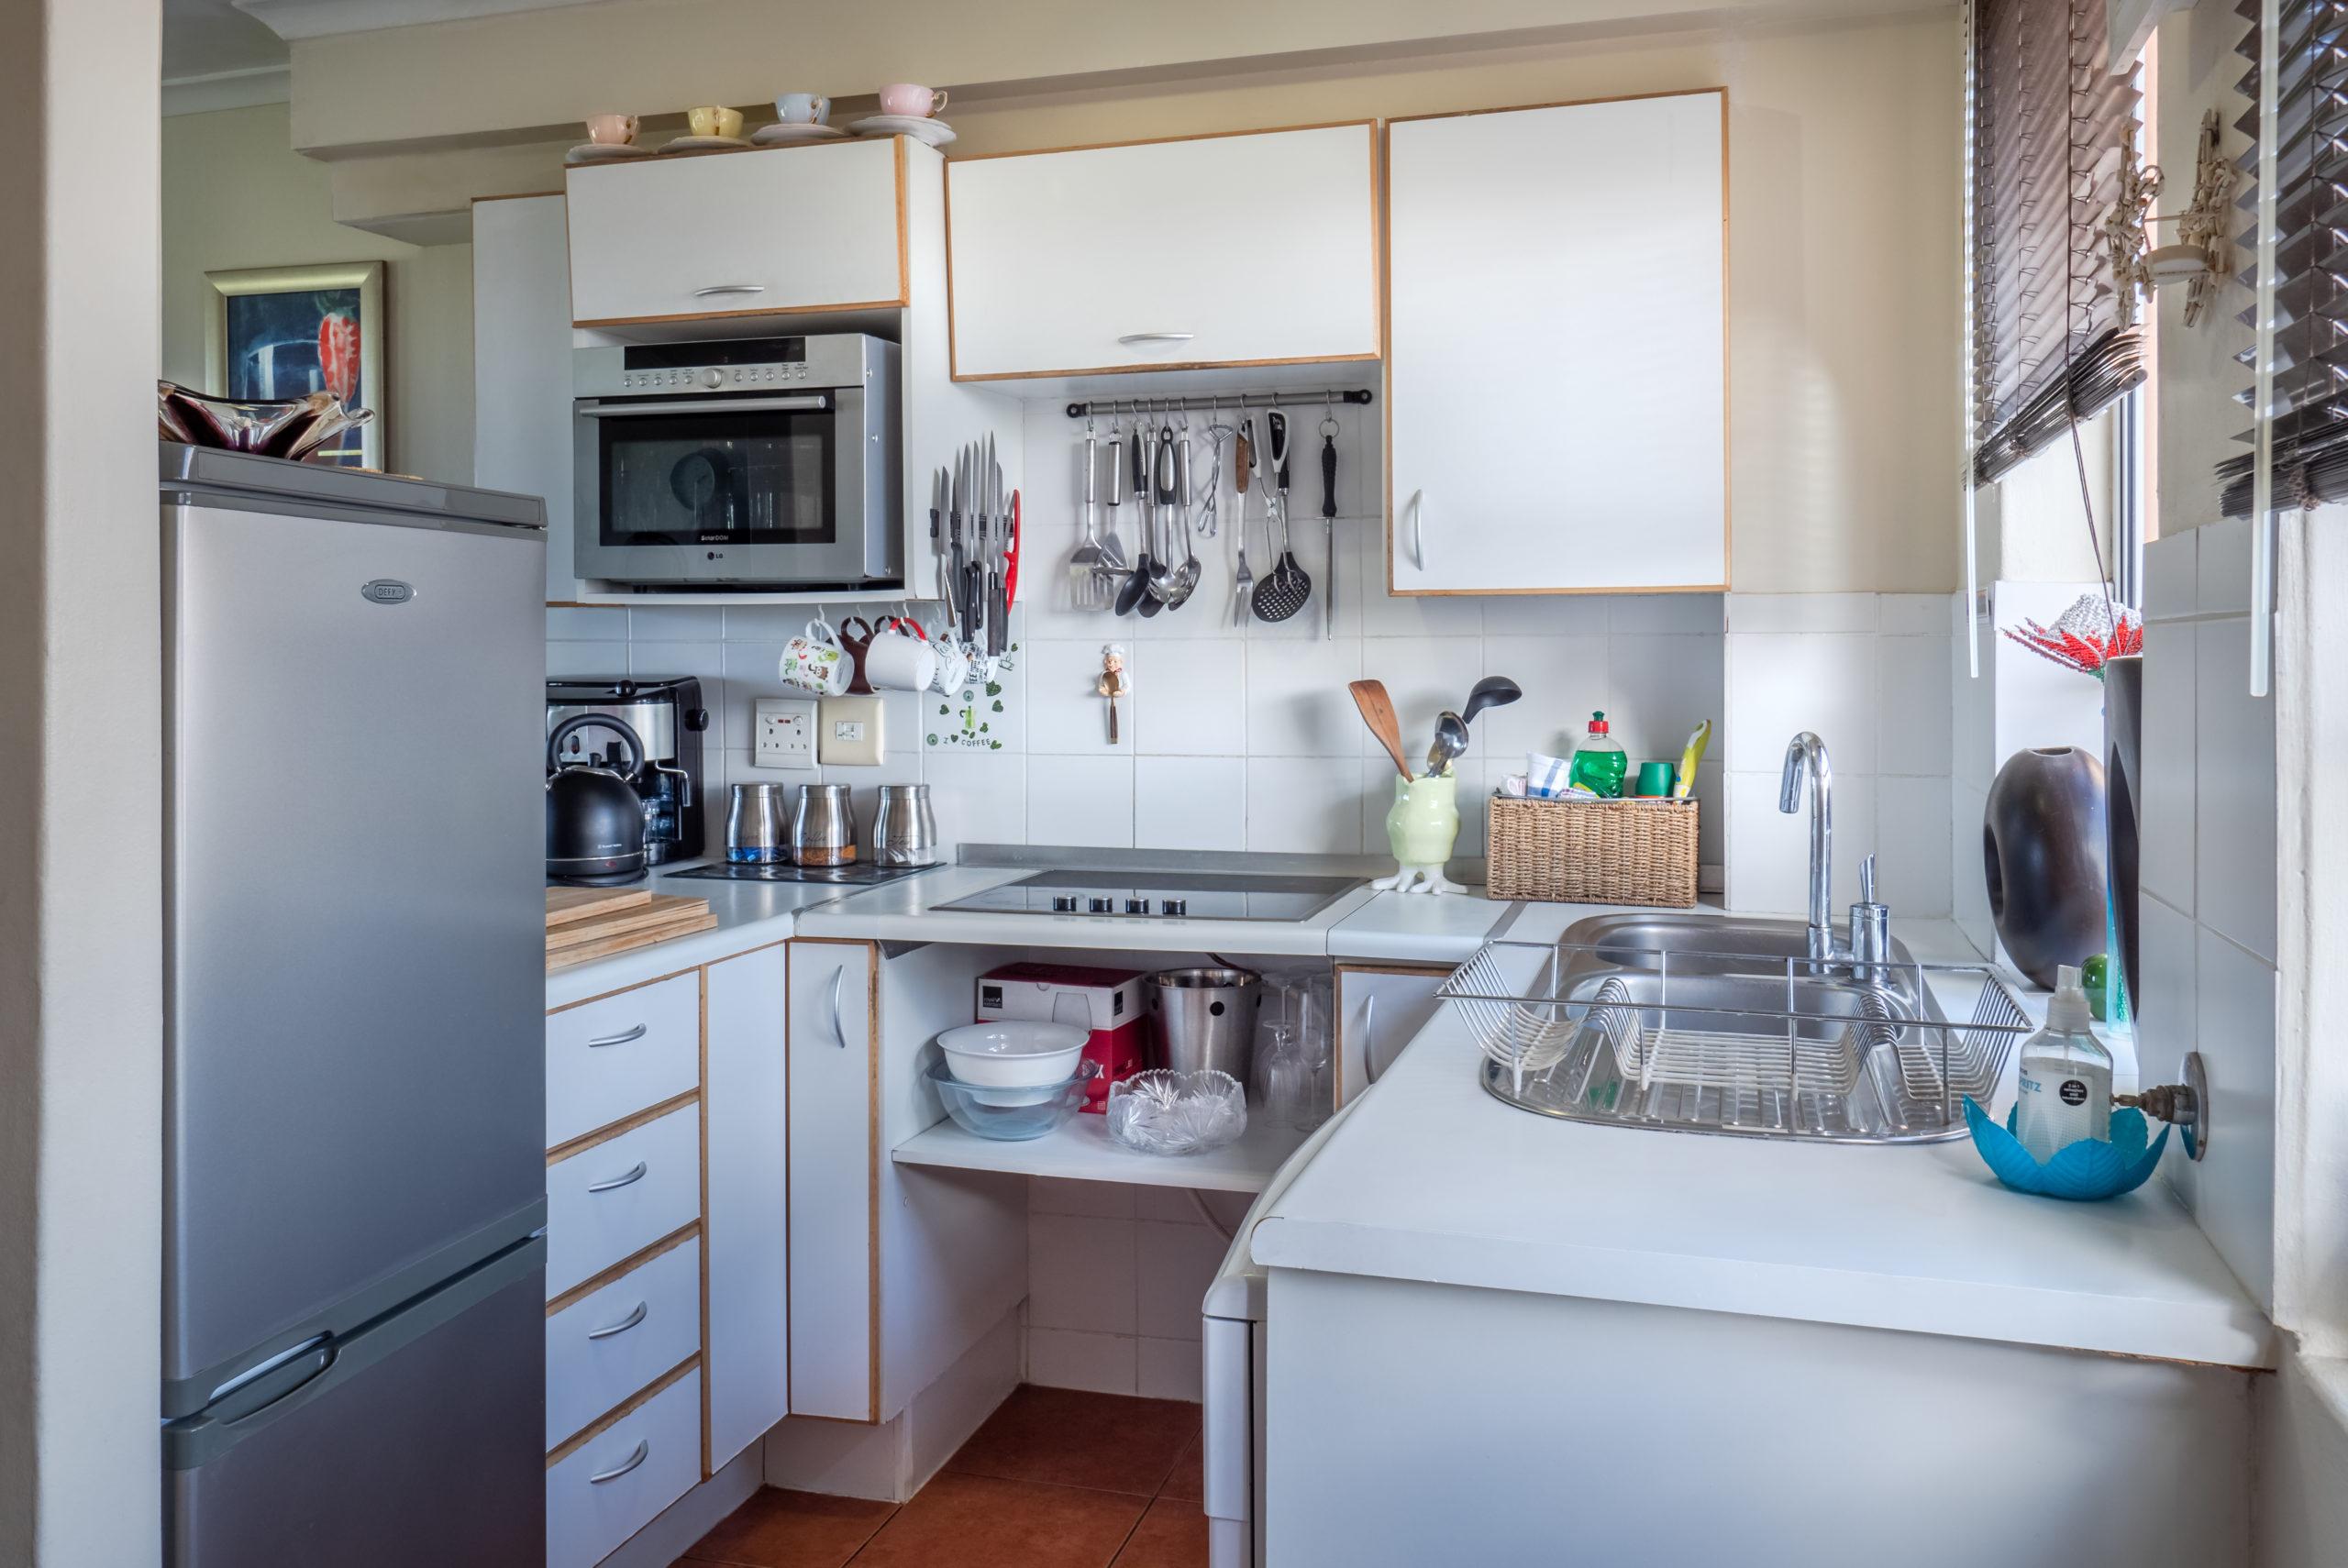 Home Appliances 2